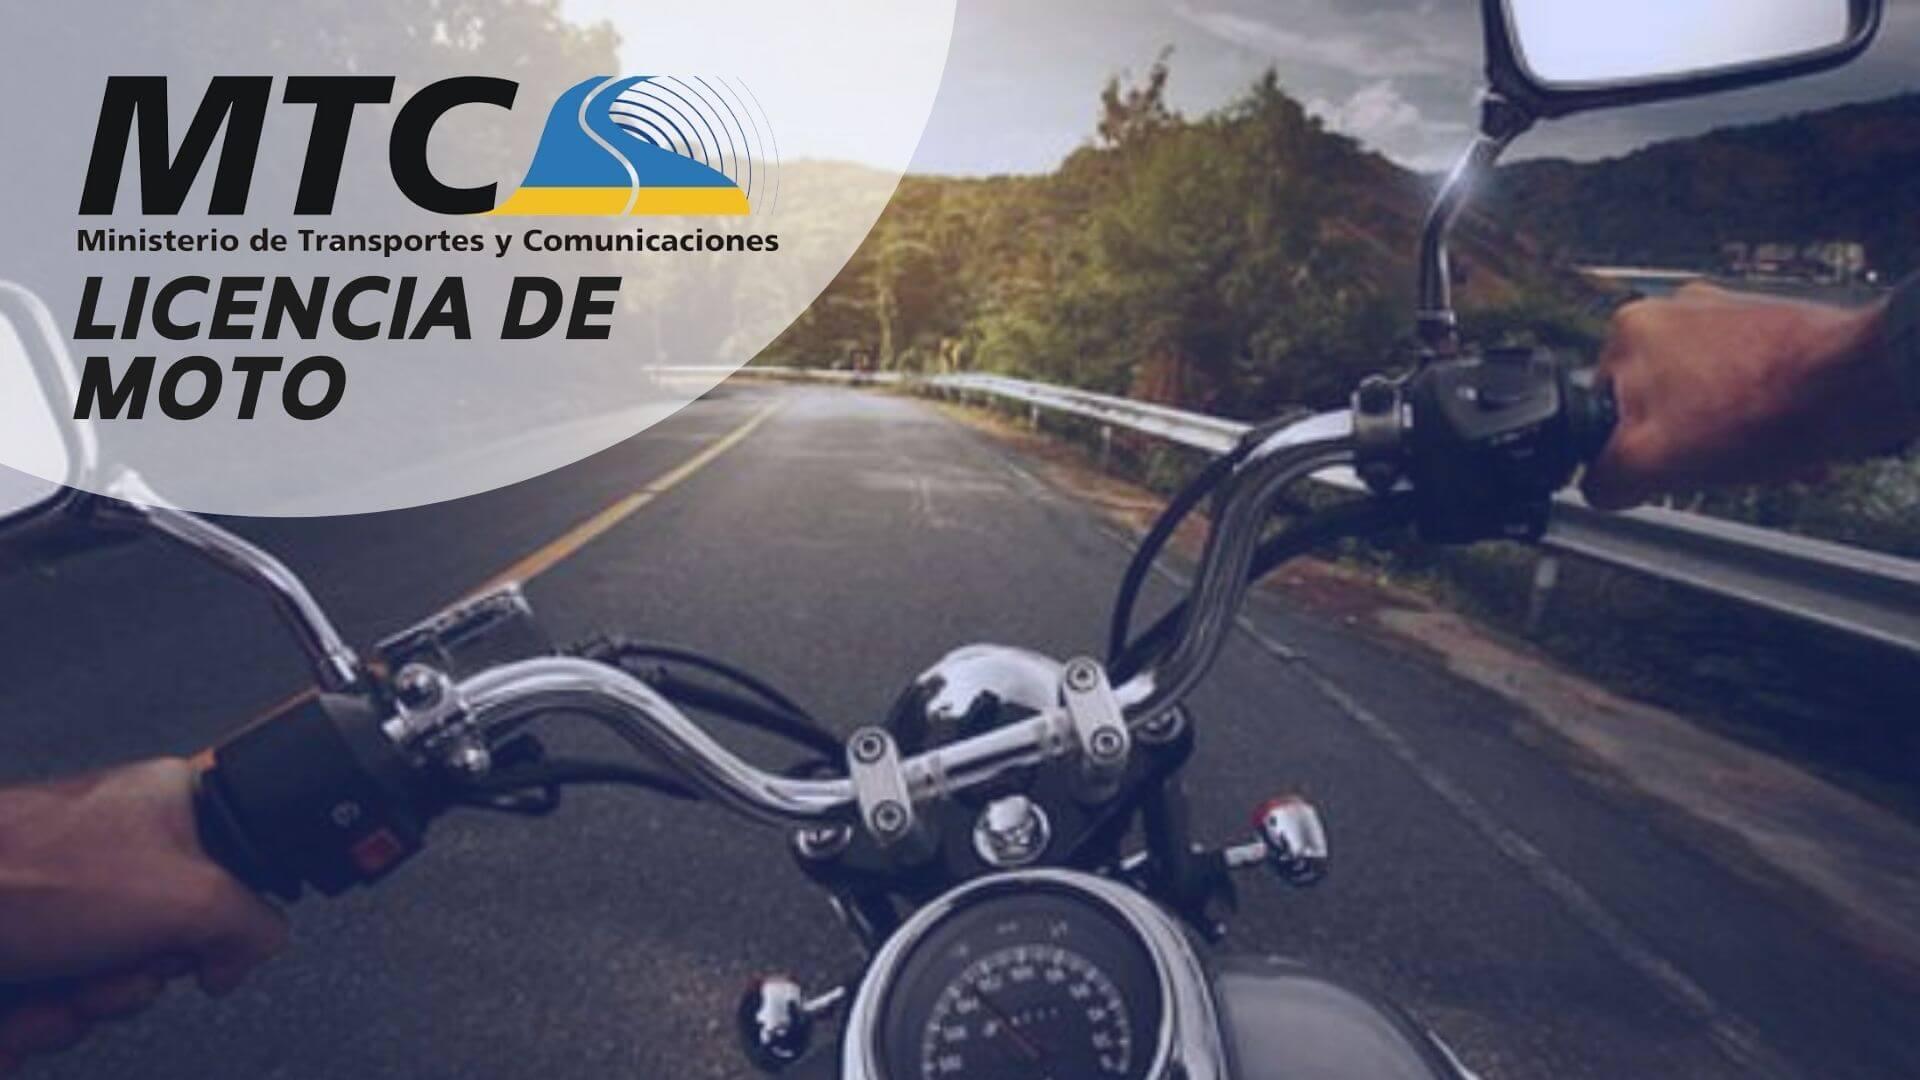 mtc-licencia-de-moto